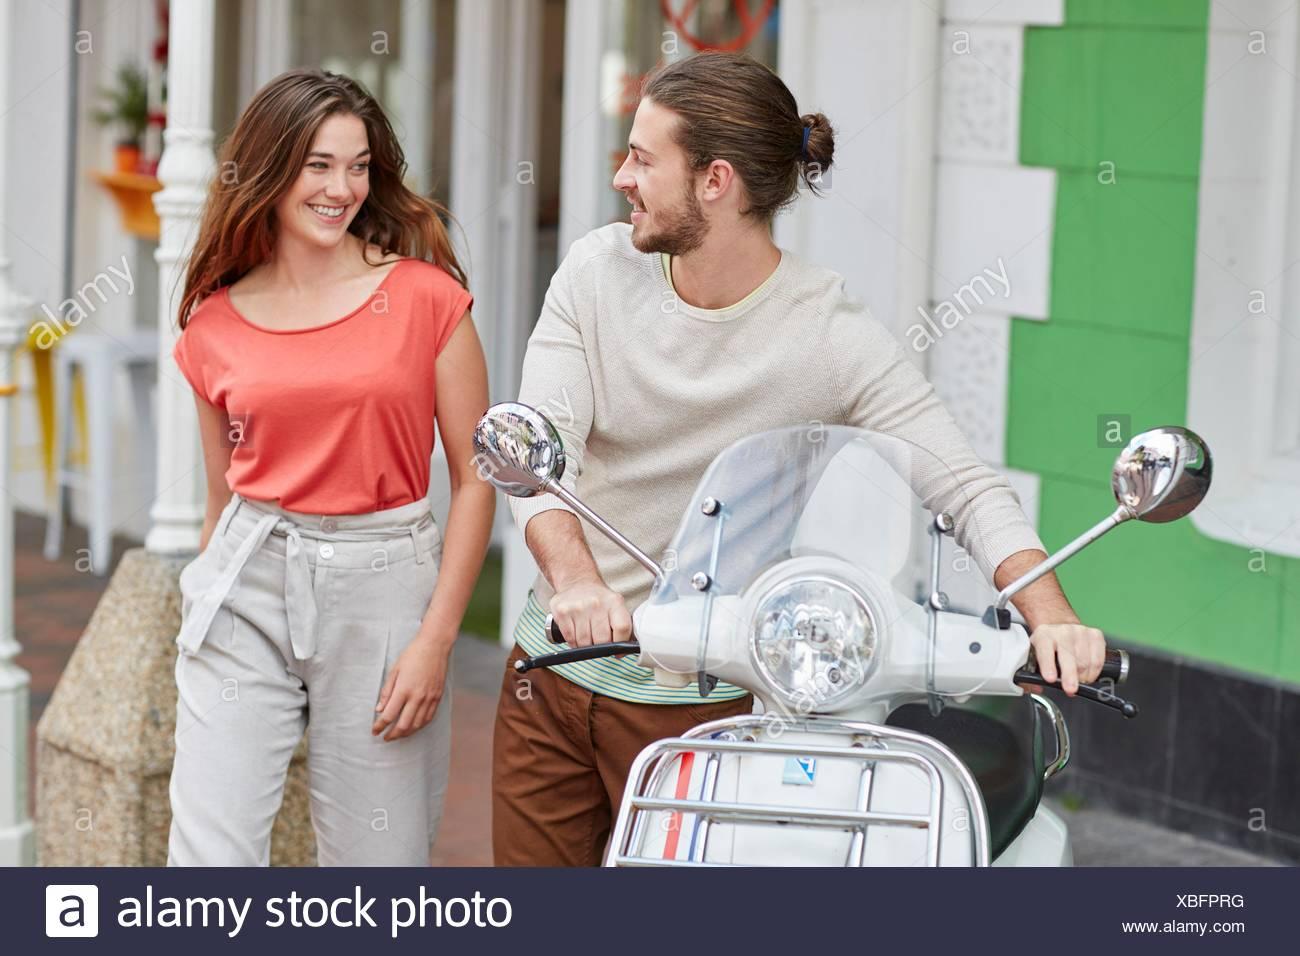 Modello rilasciato. Coppia giovane fuori cafe, uomo azienda ciclomotore. Immagini Stock